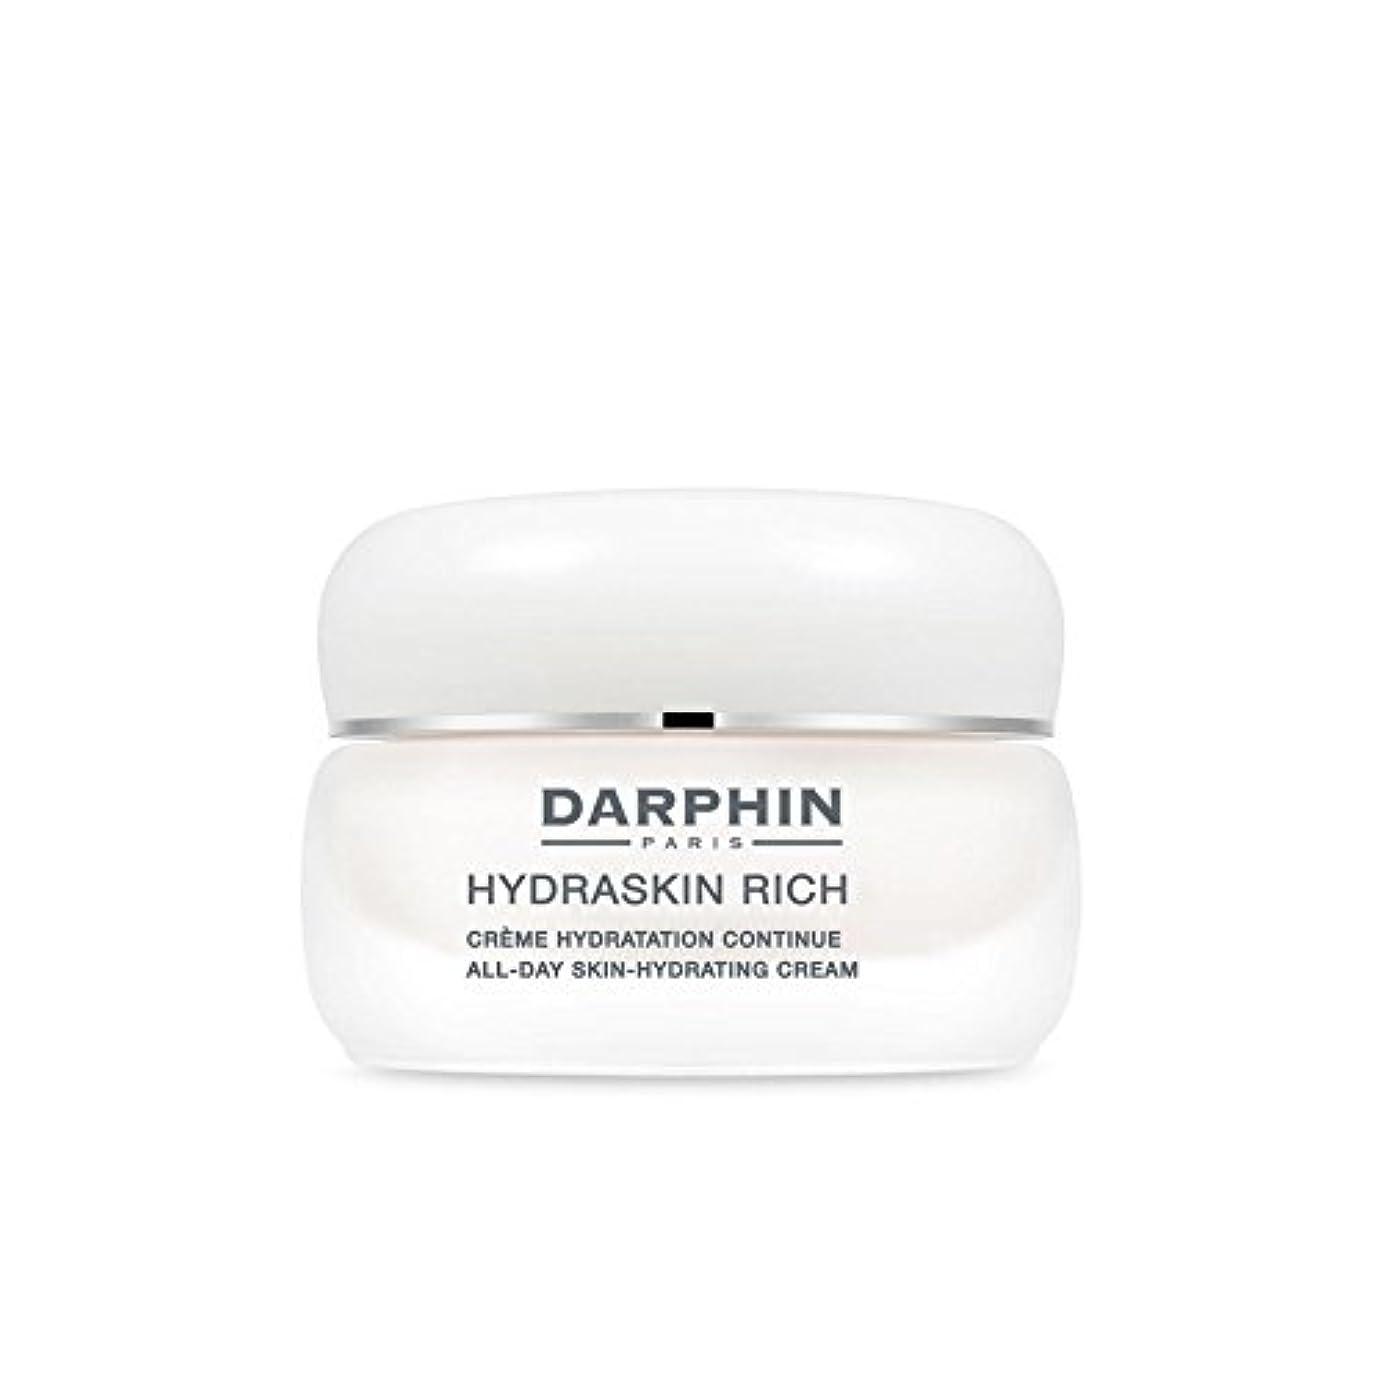 ハーブ触手カウンタDarphin Hydraskin Rich -Protective Moisturising Cream (50ml) - 豊富 - 保護保湿クリーム(50)にダルファン [並行輸入品]